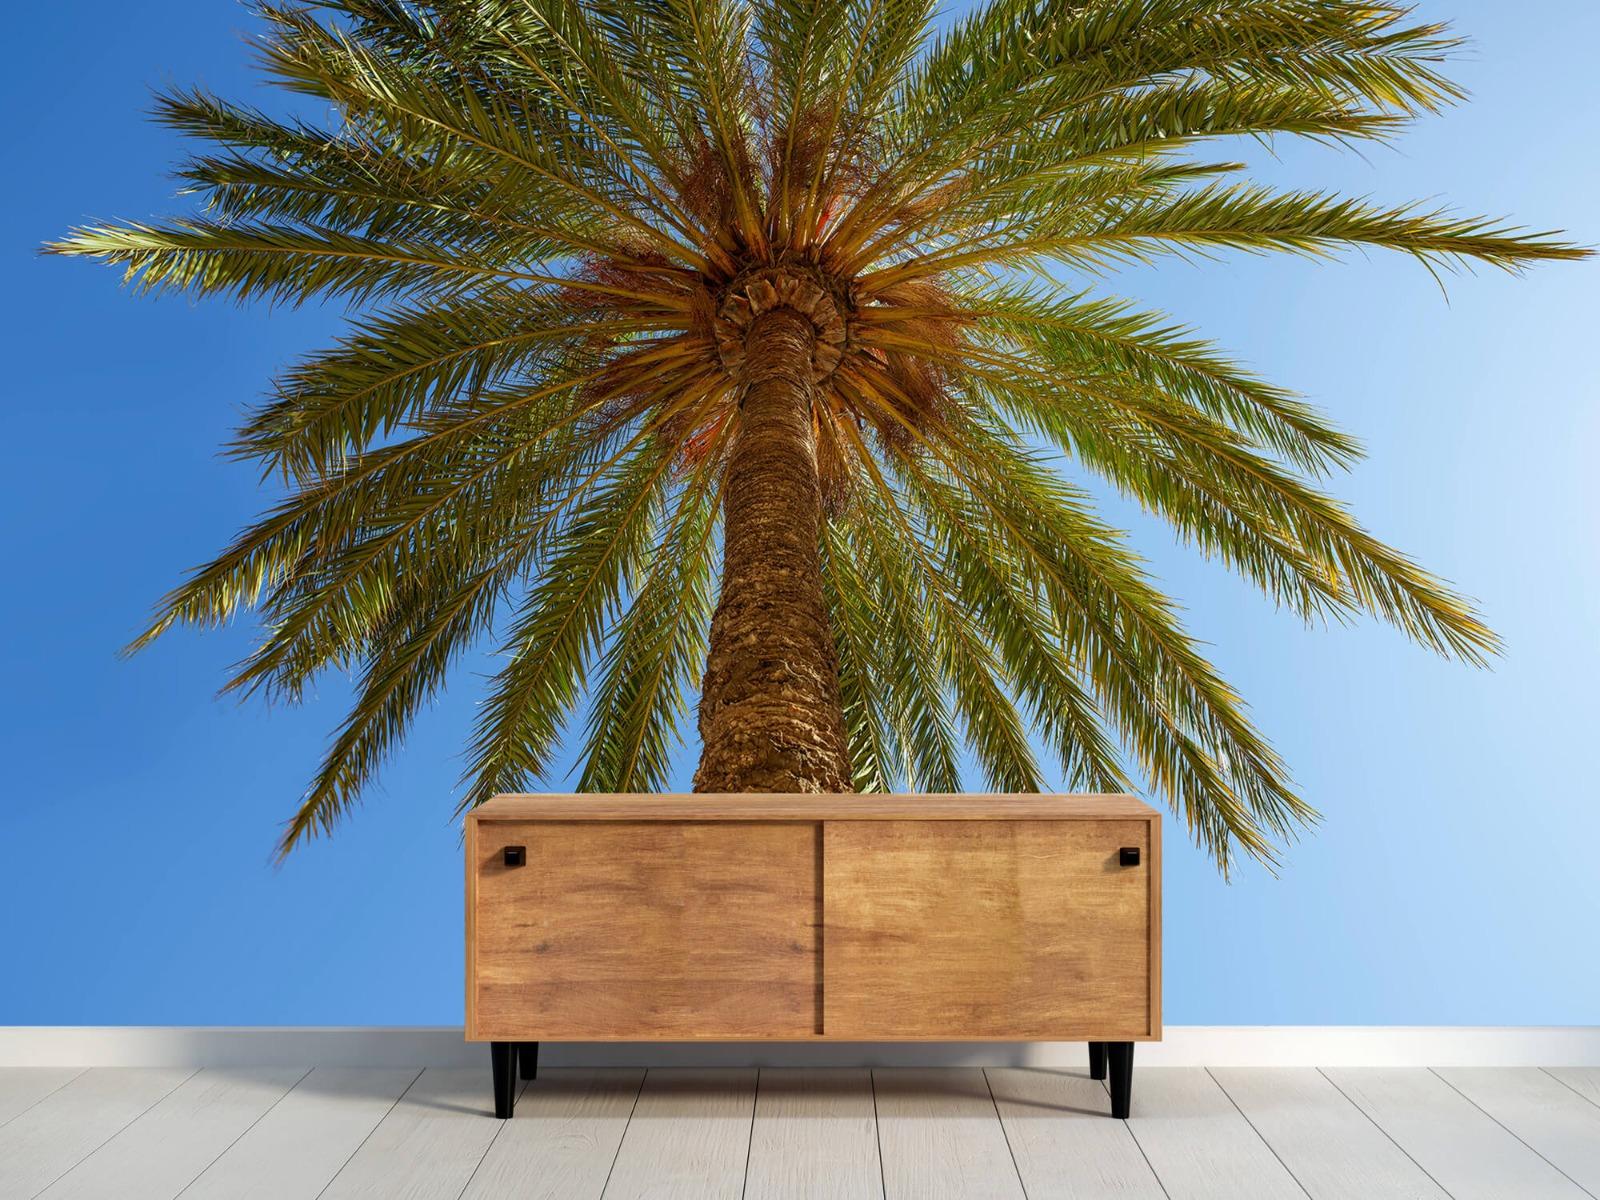 Palmbomen - Gedetailleerde Palmboom - Slaapkamer 11